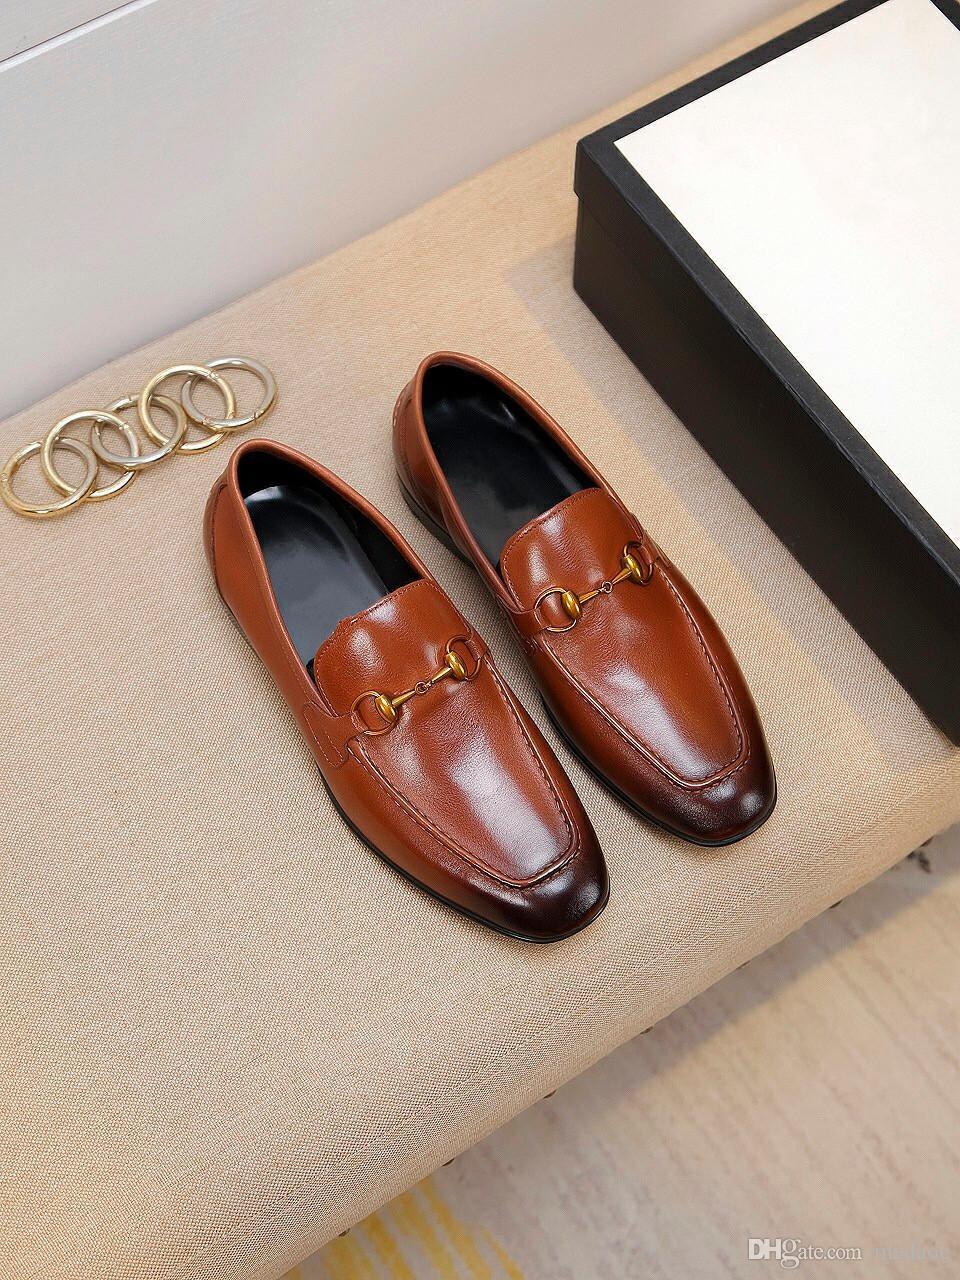 M1 Elseen Unler 3 см Мужские одежды Обувь платье Формальное увеличение Оксфордов Большой размер Мужская вечеринка Обувь мужская Свадебная обувь Четыре сезоны 11